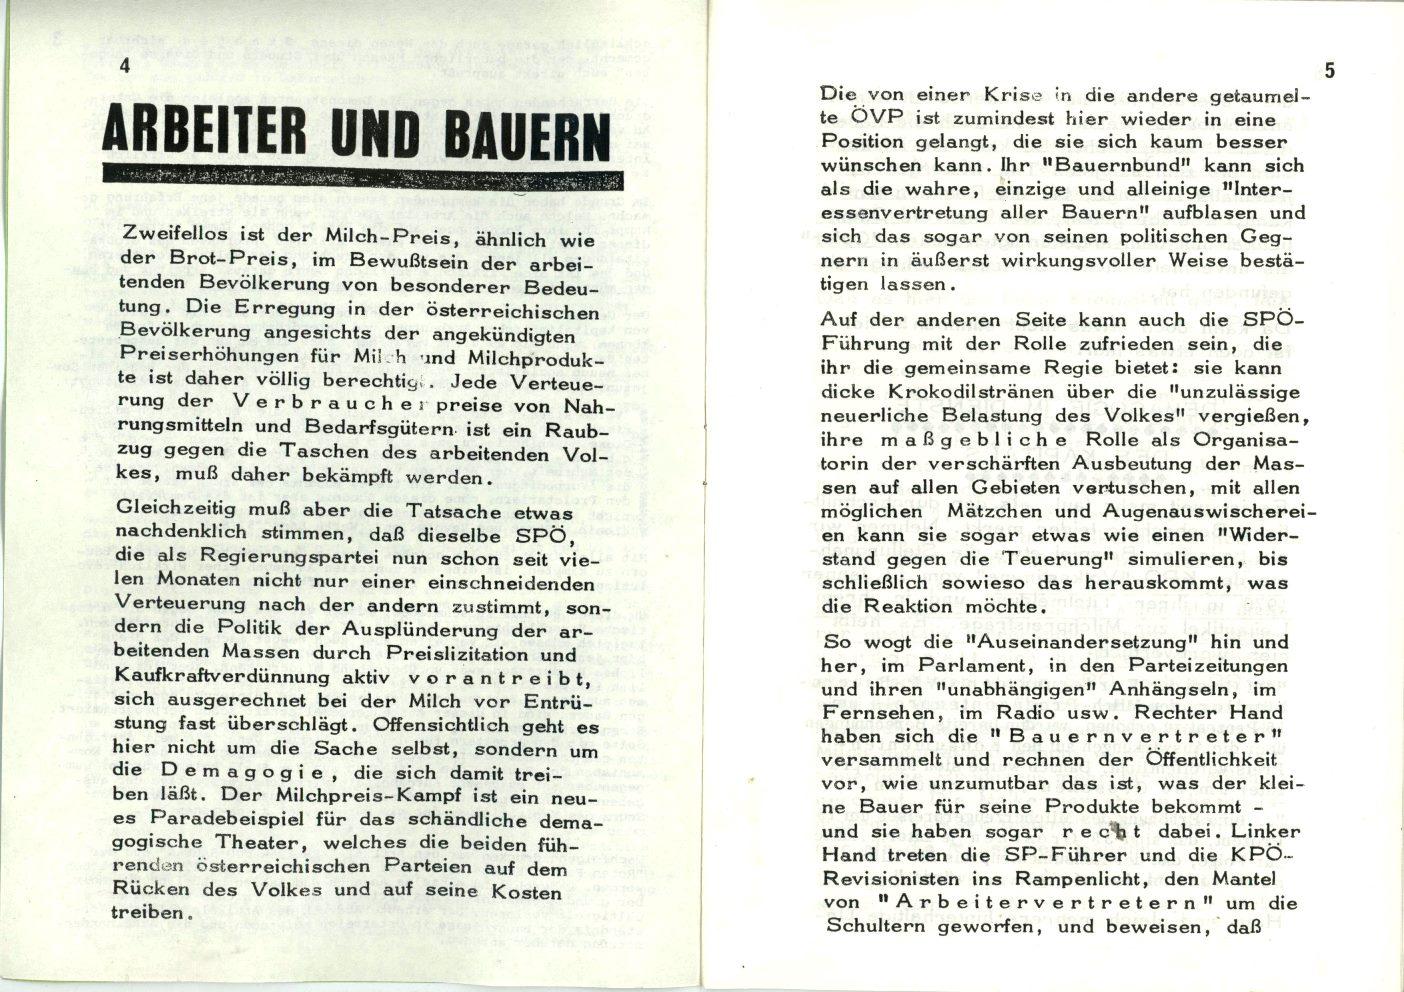 MLPOe_Soli_mit_den_Bauern_1972_03